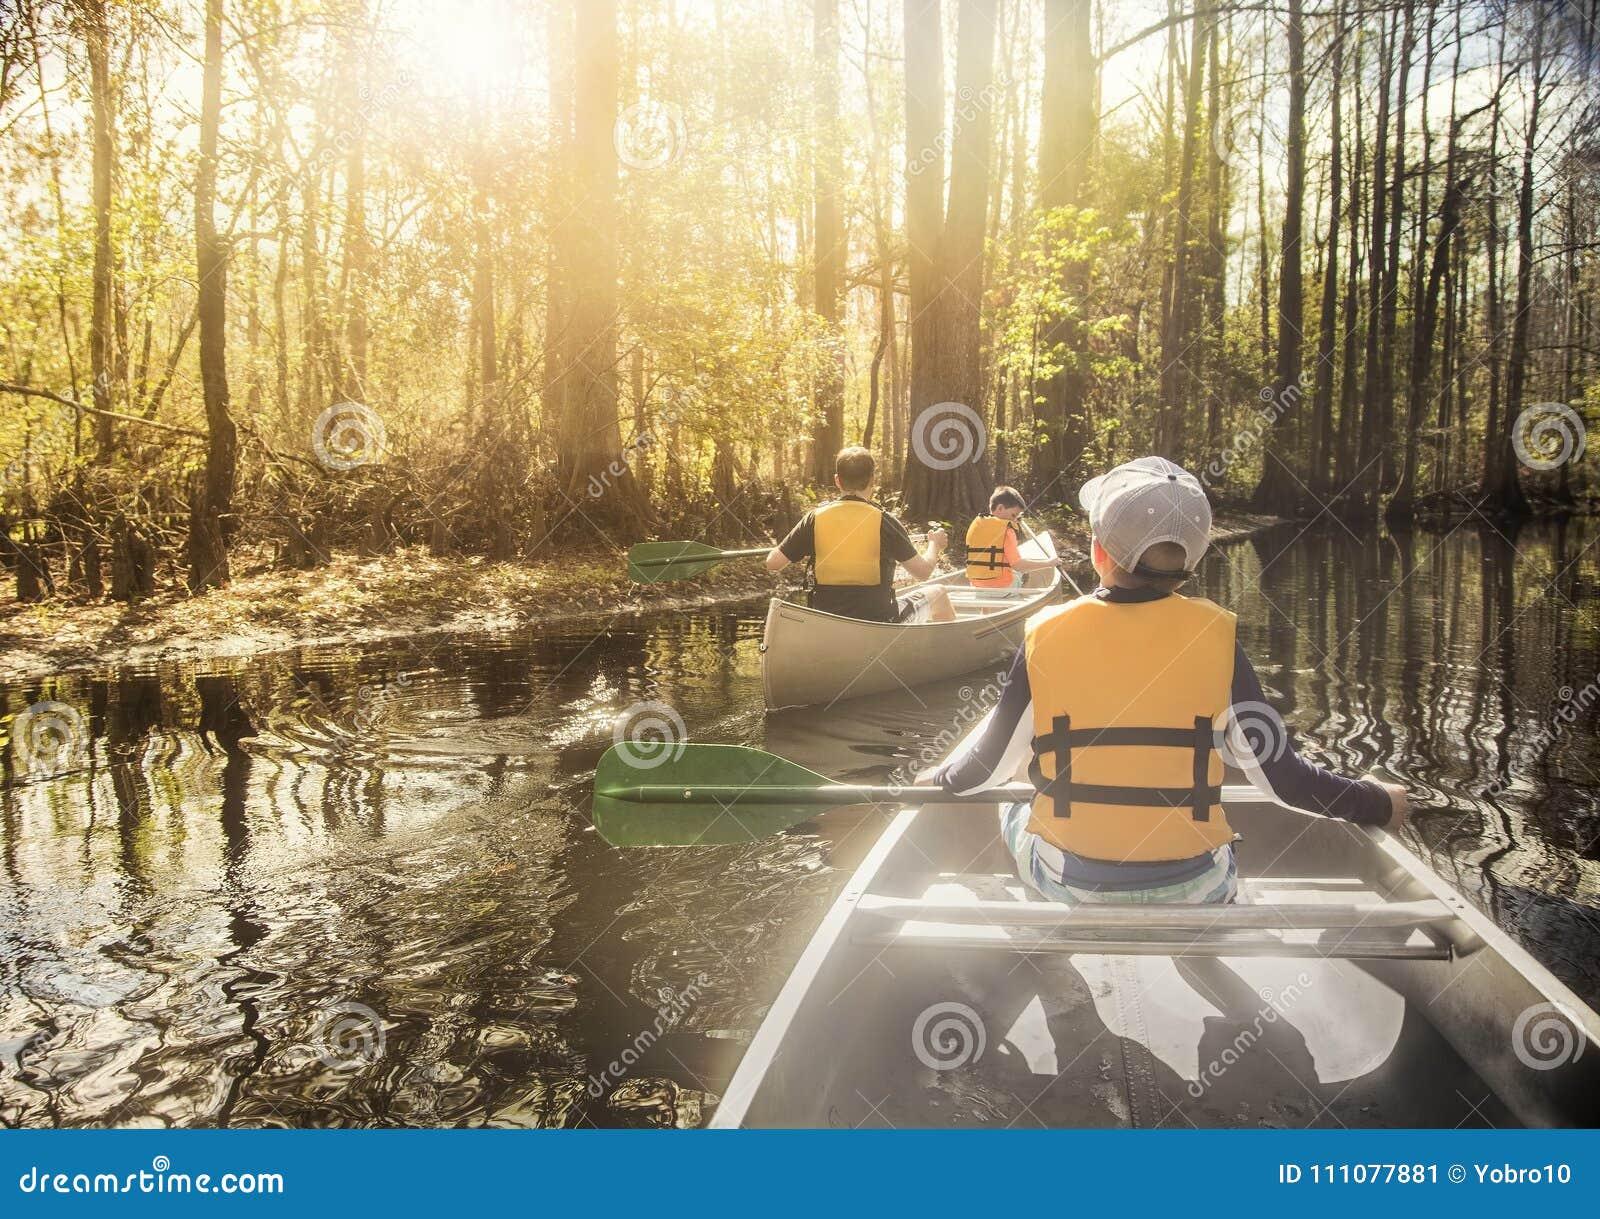 Kanota ner den härliga floden i en cypressskog